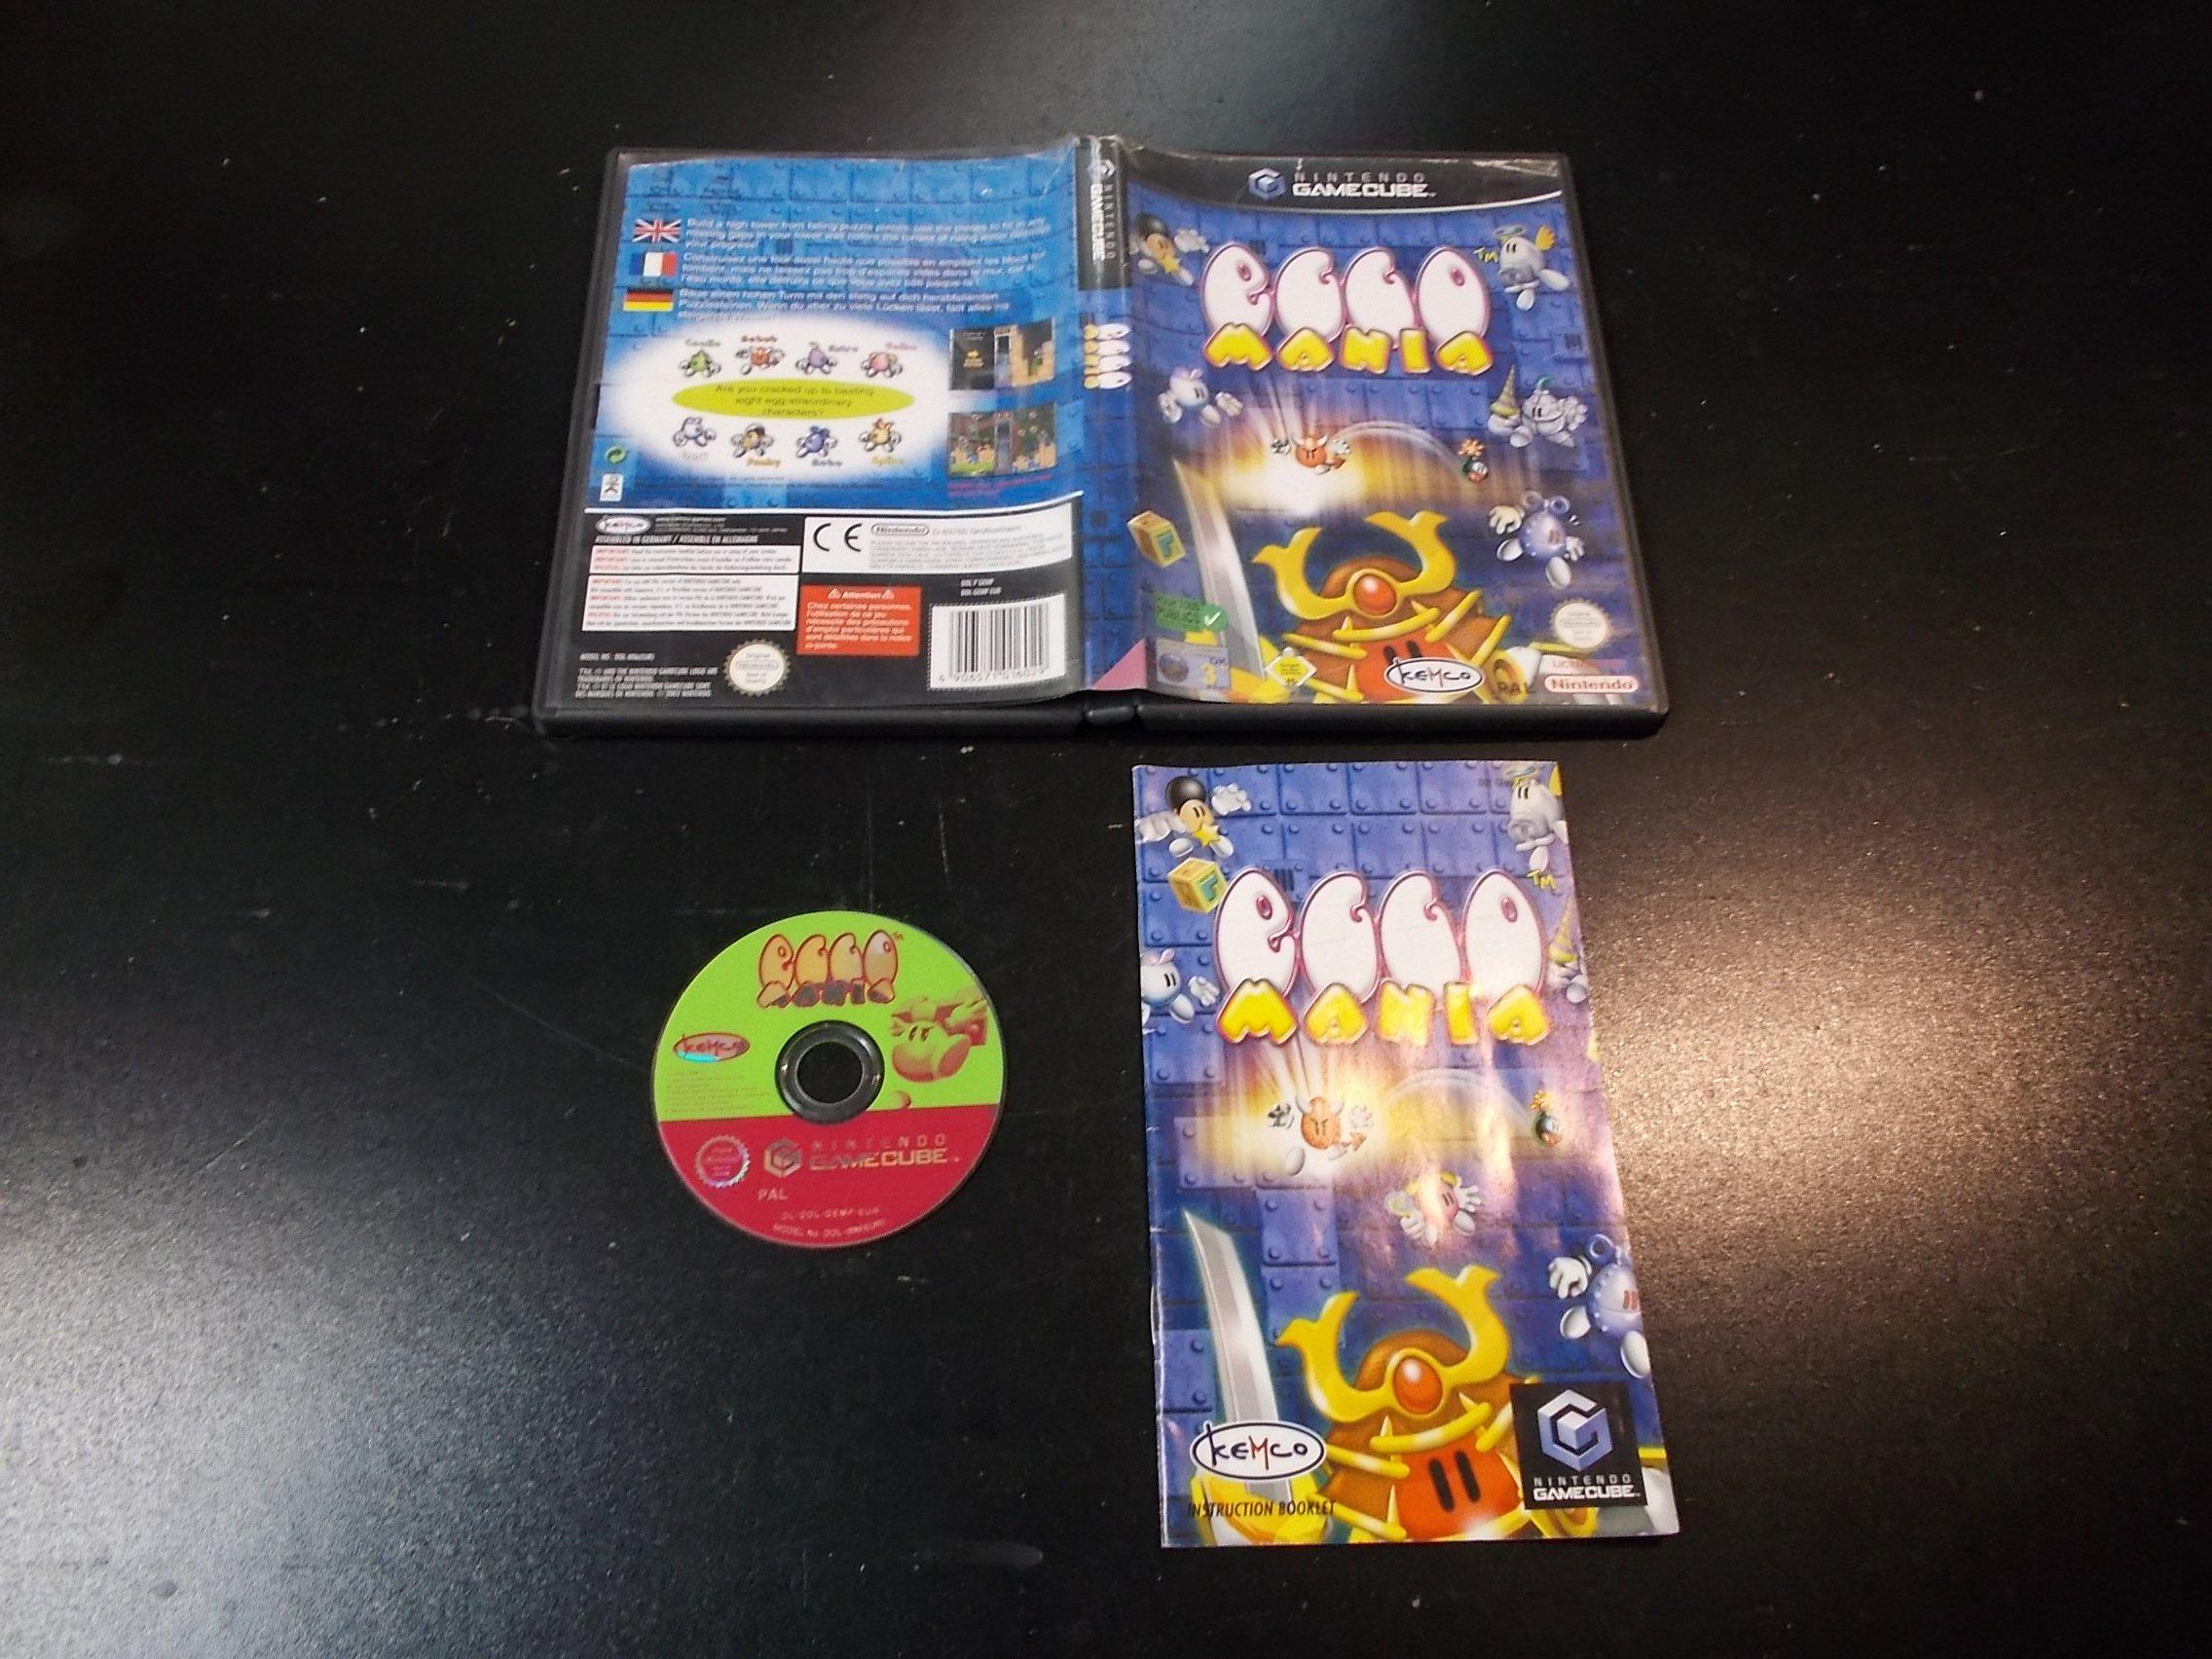 EGGO MANIA - GRA Nintendo GameCube Sklep